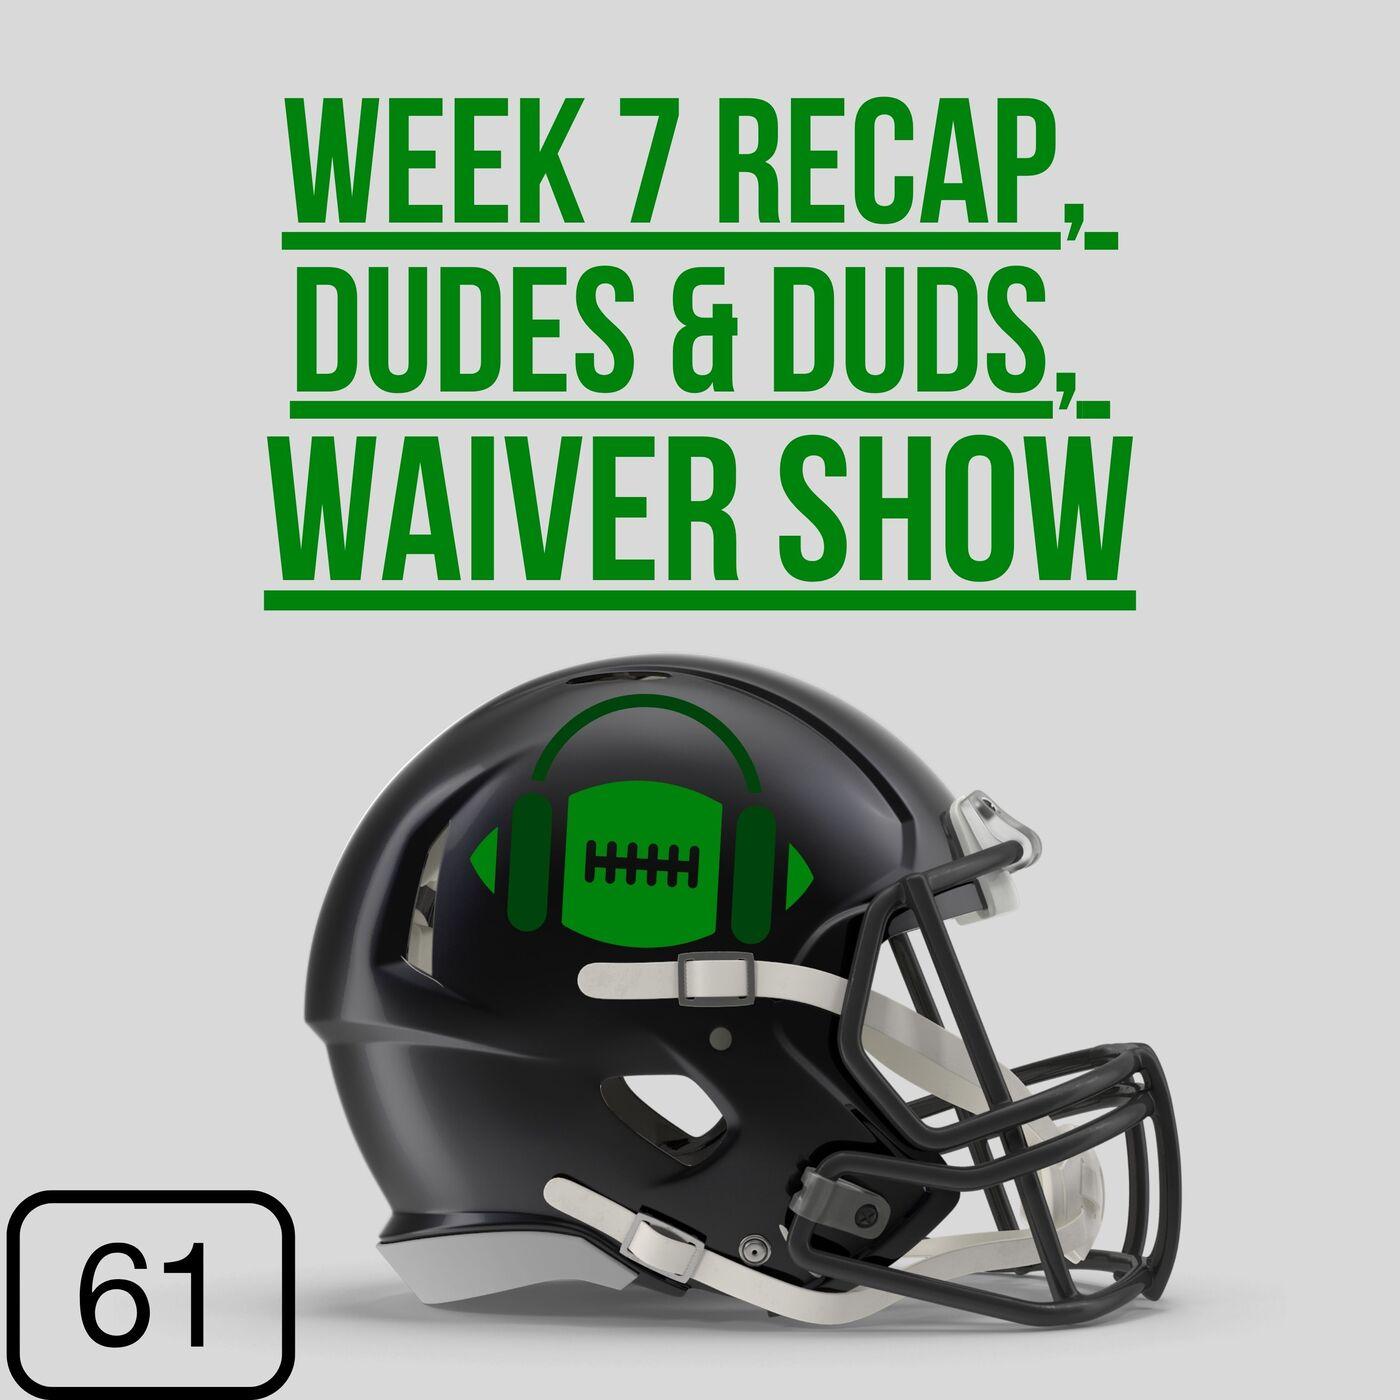 Week 7 Recap, Dudes & Duds + Waivers